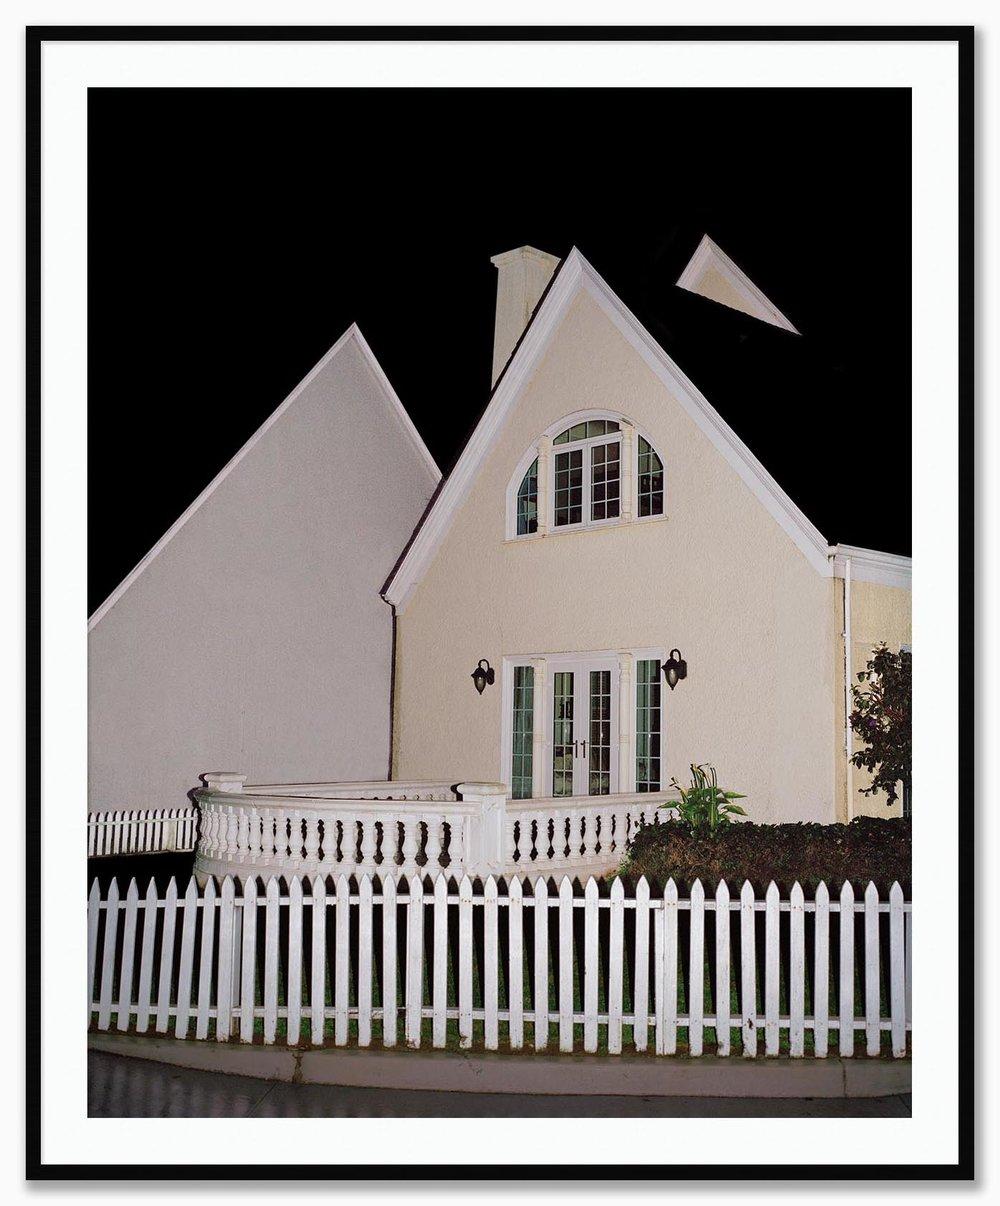 twohouses_Mat_MatteBlack.jpg